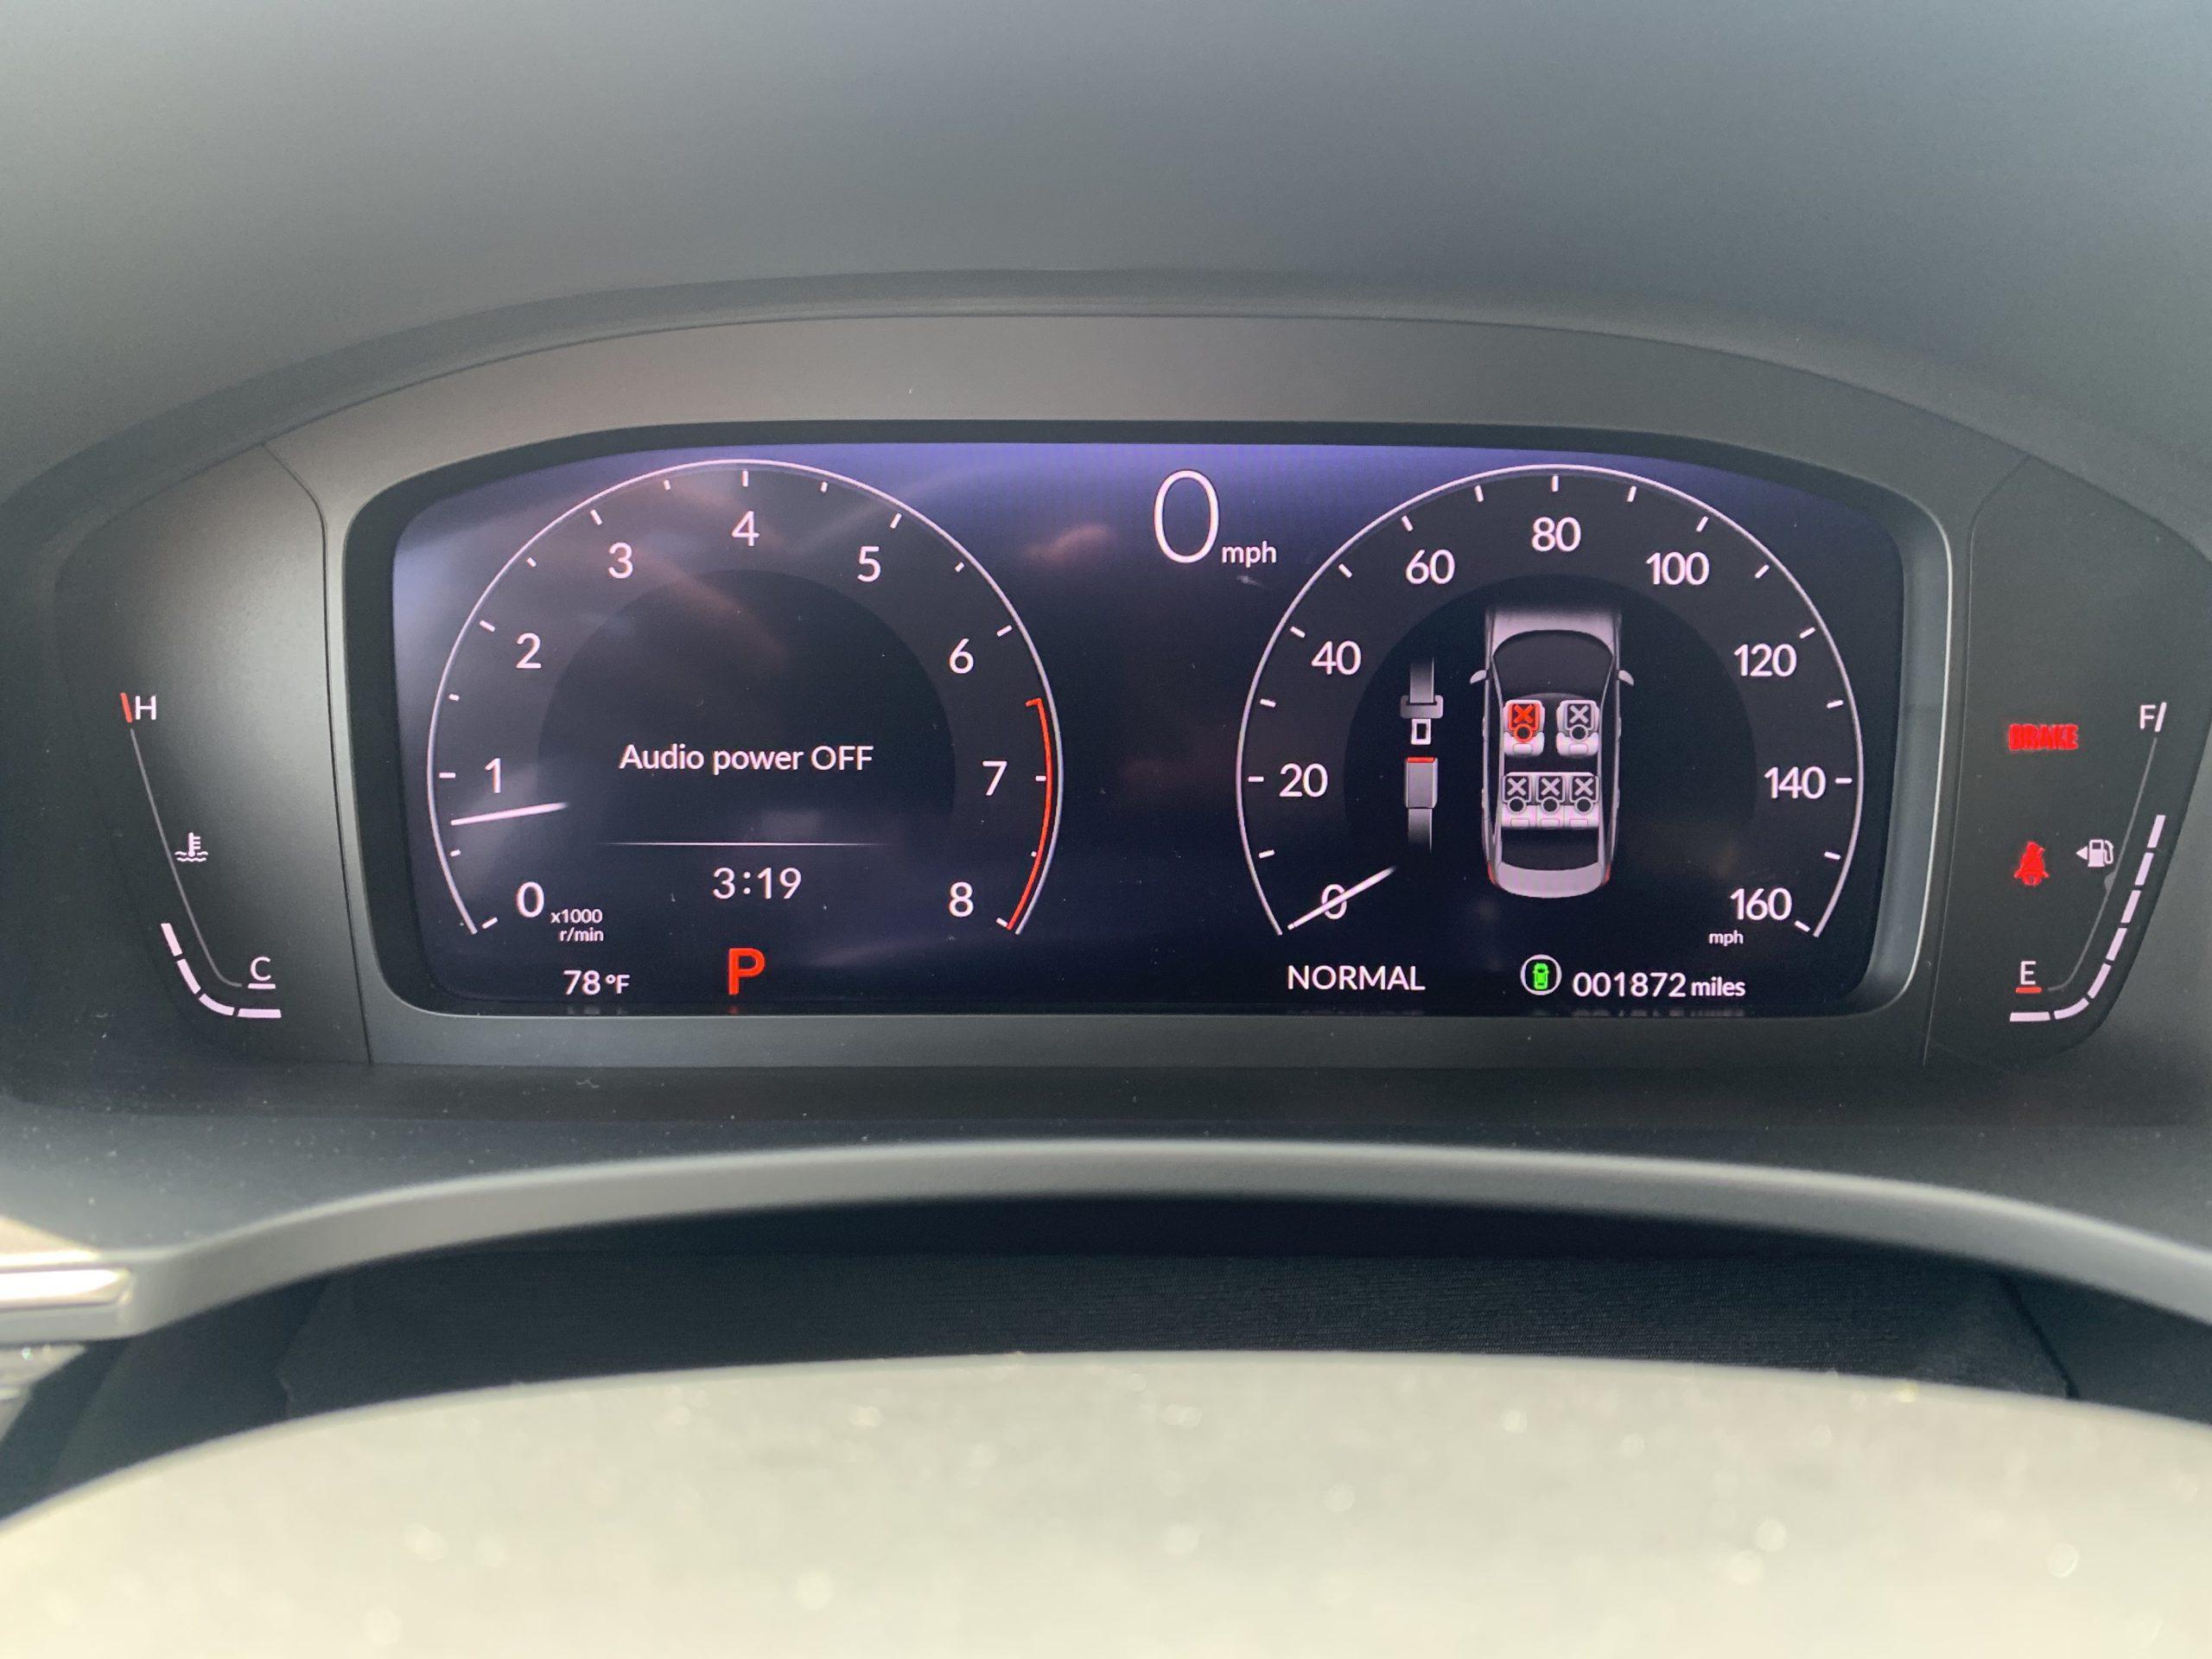 2022 Honda Civic sedan digital dashboard